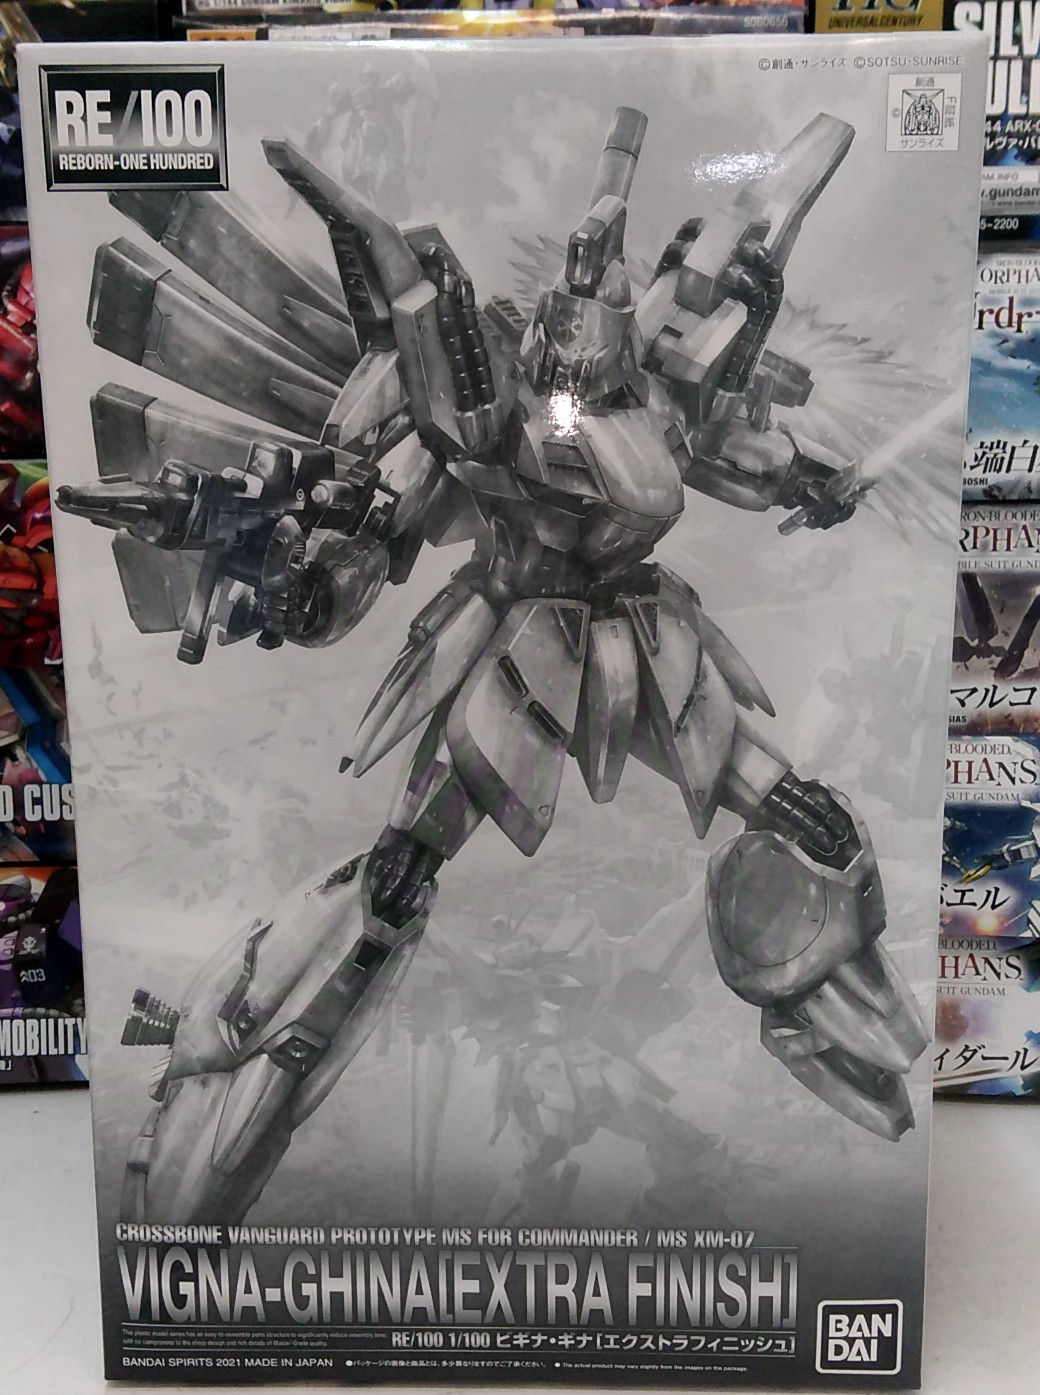 買取情報『機動戦士ガンダムF91 RE/100 1/100 ビギナ・ギナ(エクストラフィニィッシュ)』